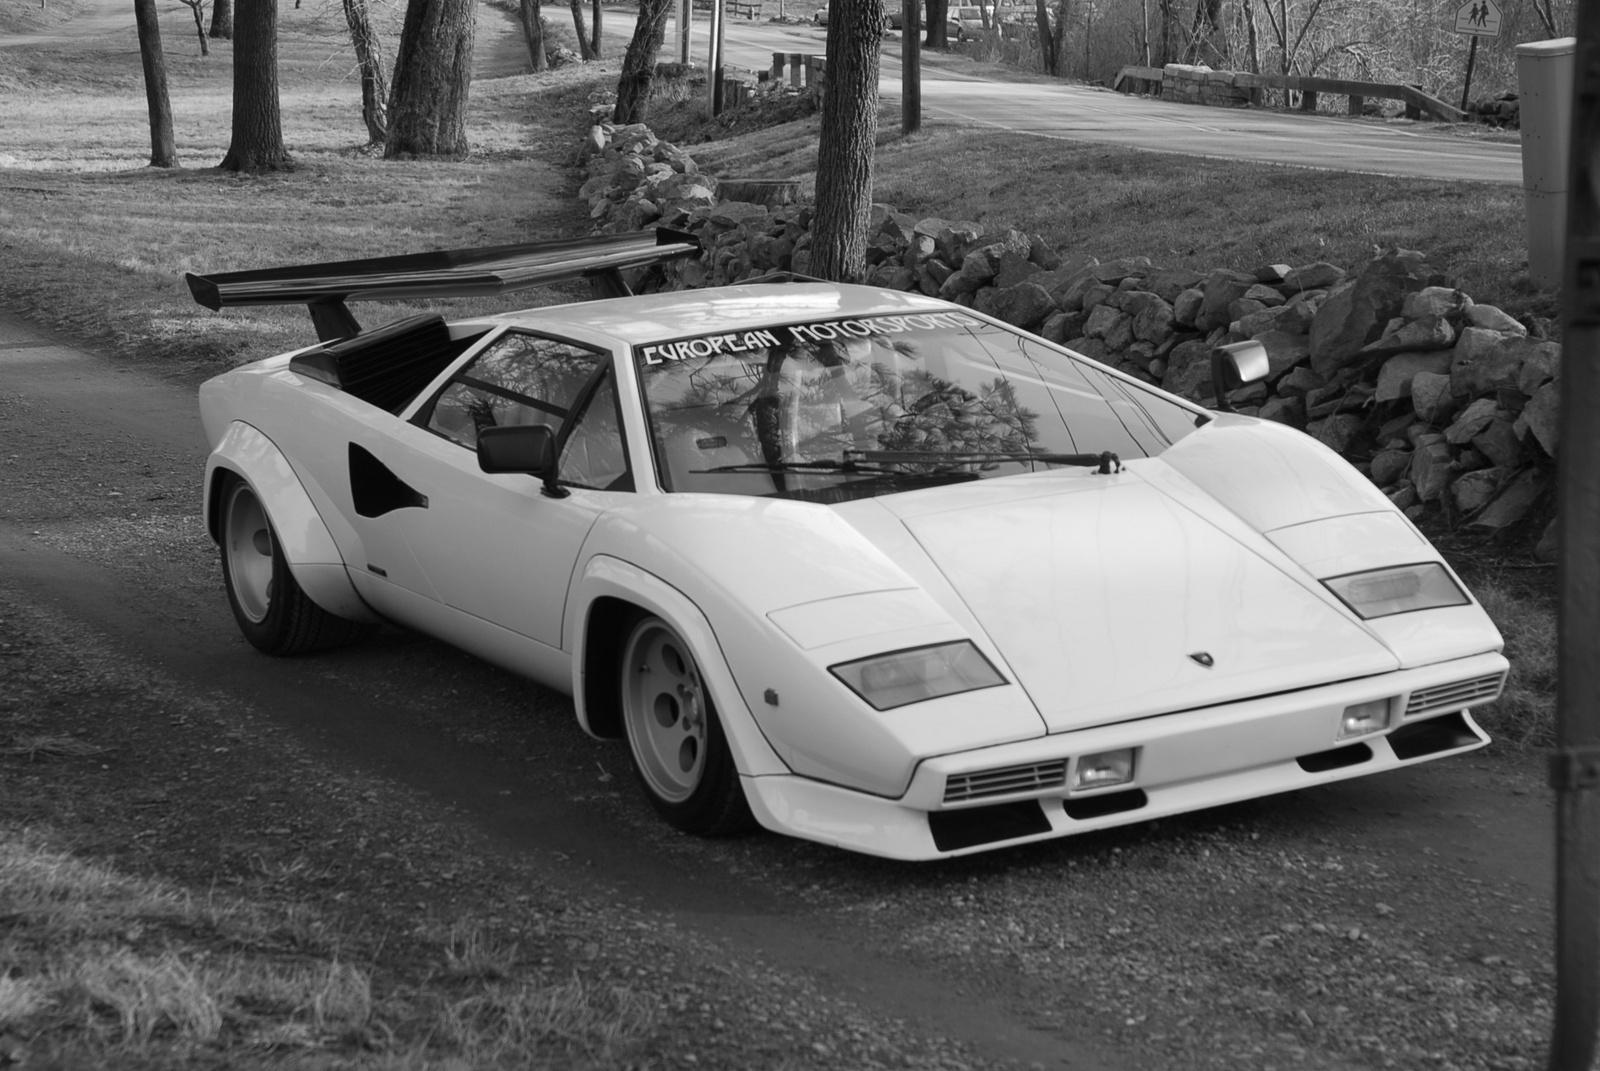 Lamborghini countach pics